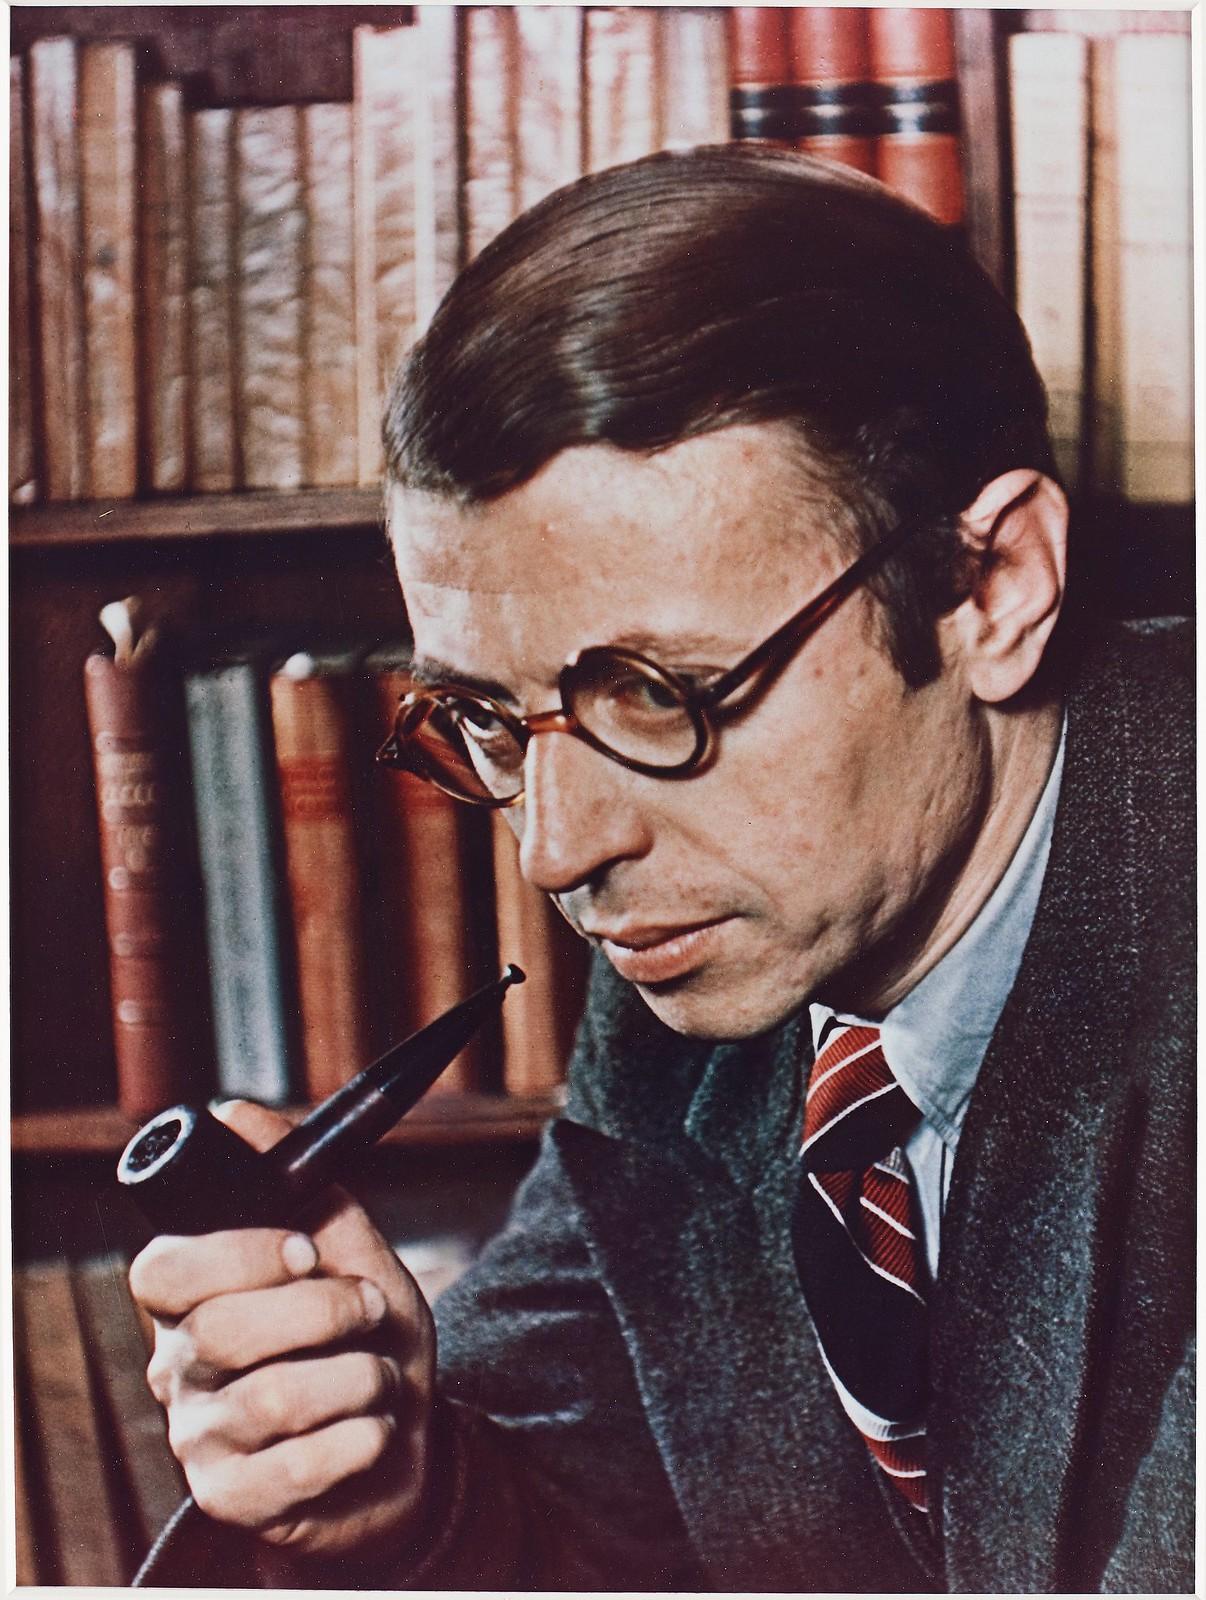 1939. Жан-Поль Сартр (французский философ, представитель атеистического экзистенциализма, писатель, драматург и эссеист, лауреат Нобелевской премии по литературе)